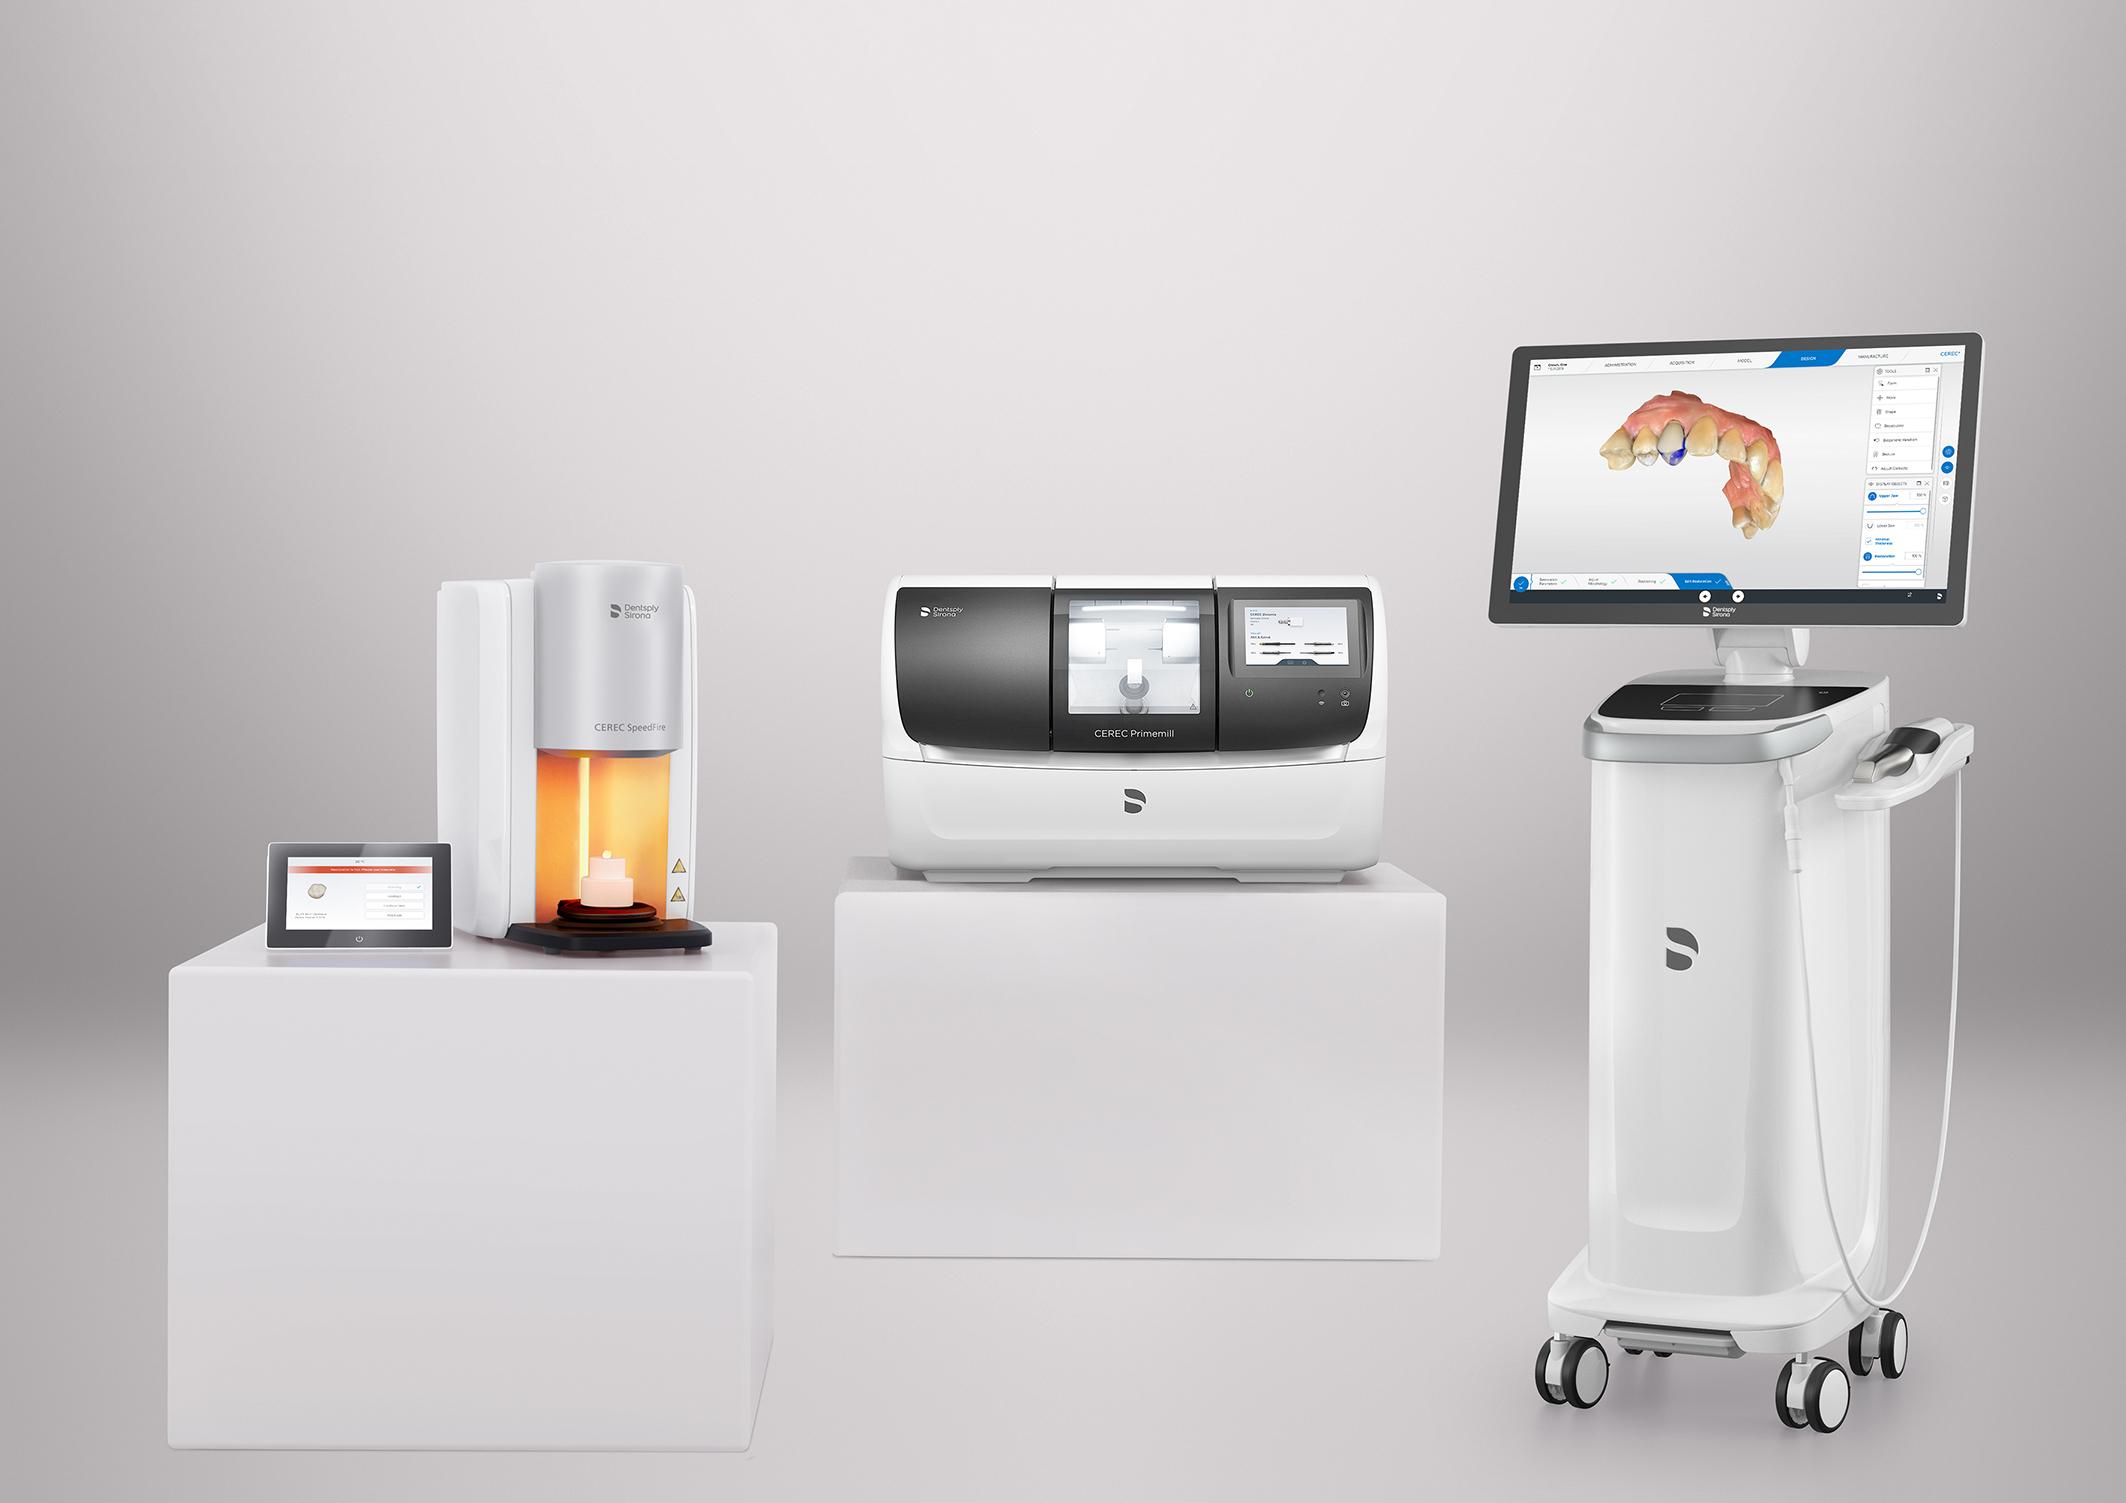 Die Zukunft hat begonnen! Das Cerec-System der neuesten Generation. Modernste präzise Technologie bei uns in der Praxis.